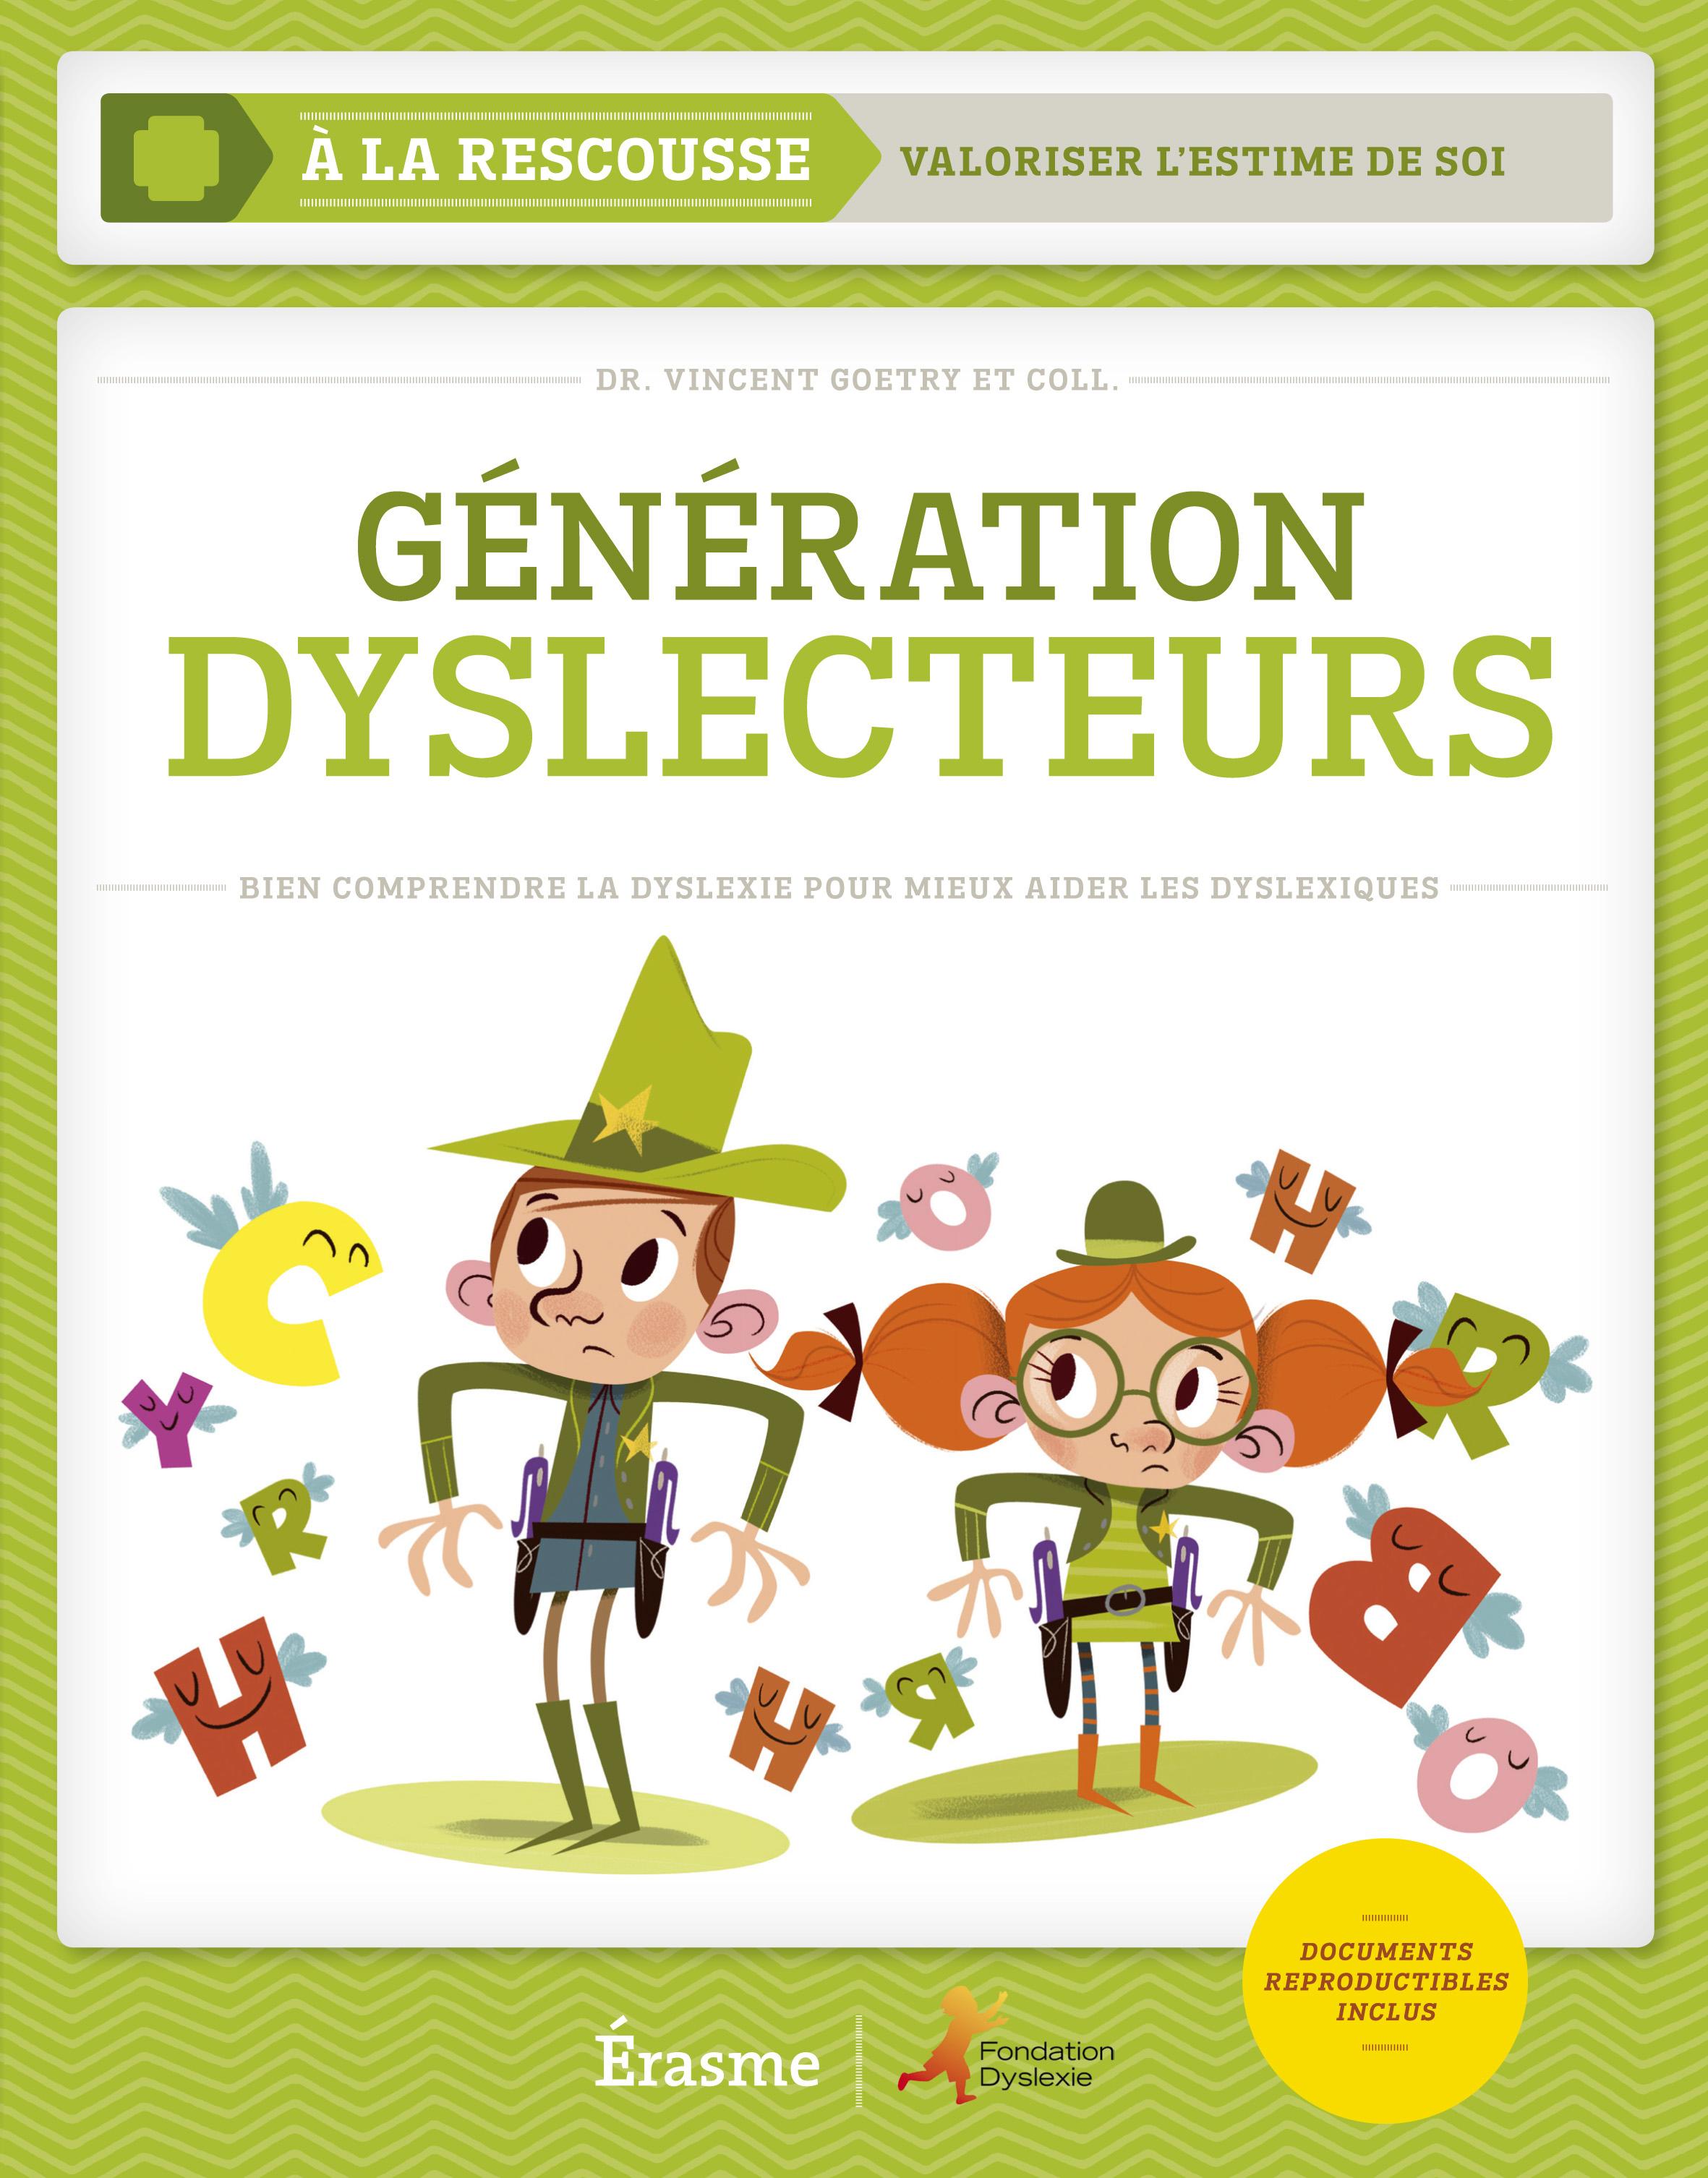 GENERATION DYSLECTEURS